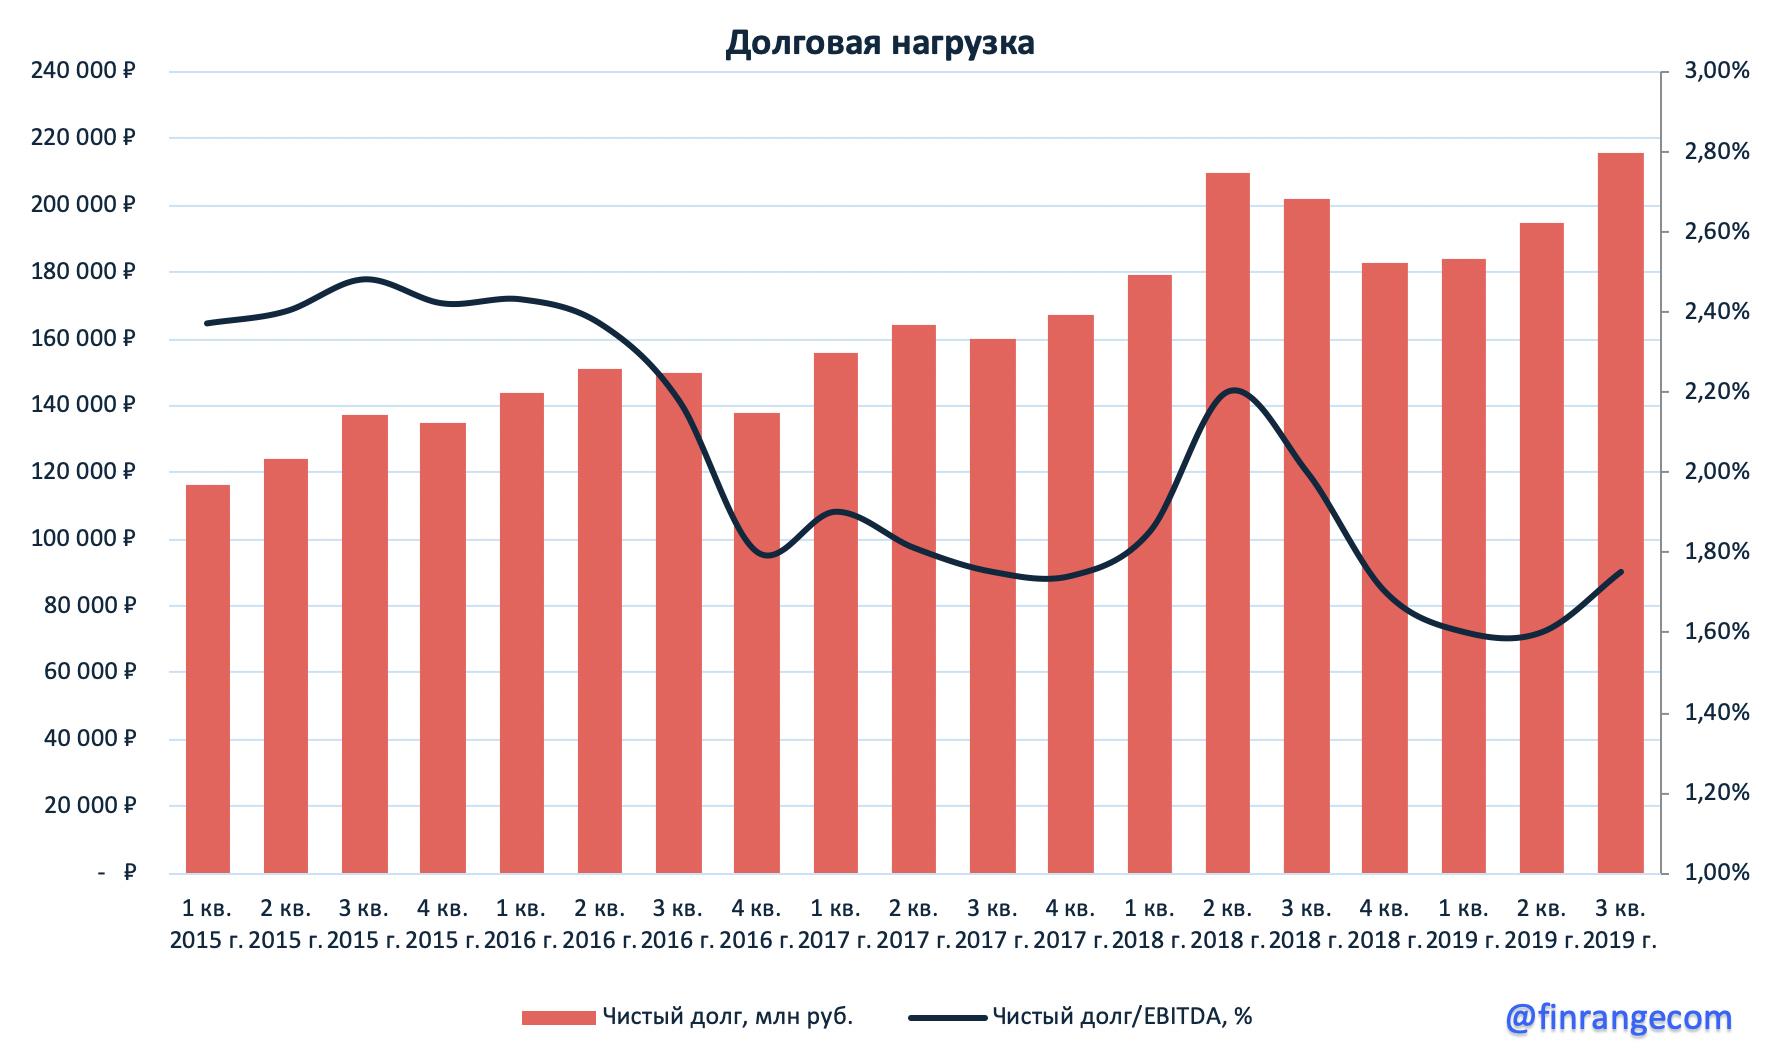 X5 Retail Group: финансовые результаты за III кв. 2019 г. Прибыль упала в 3,6 раз, но акции выросли.